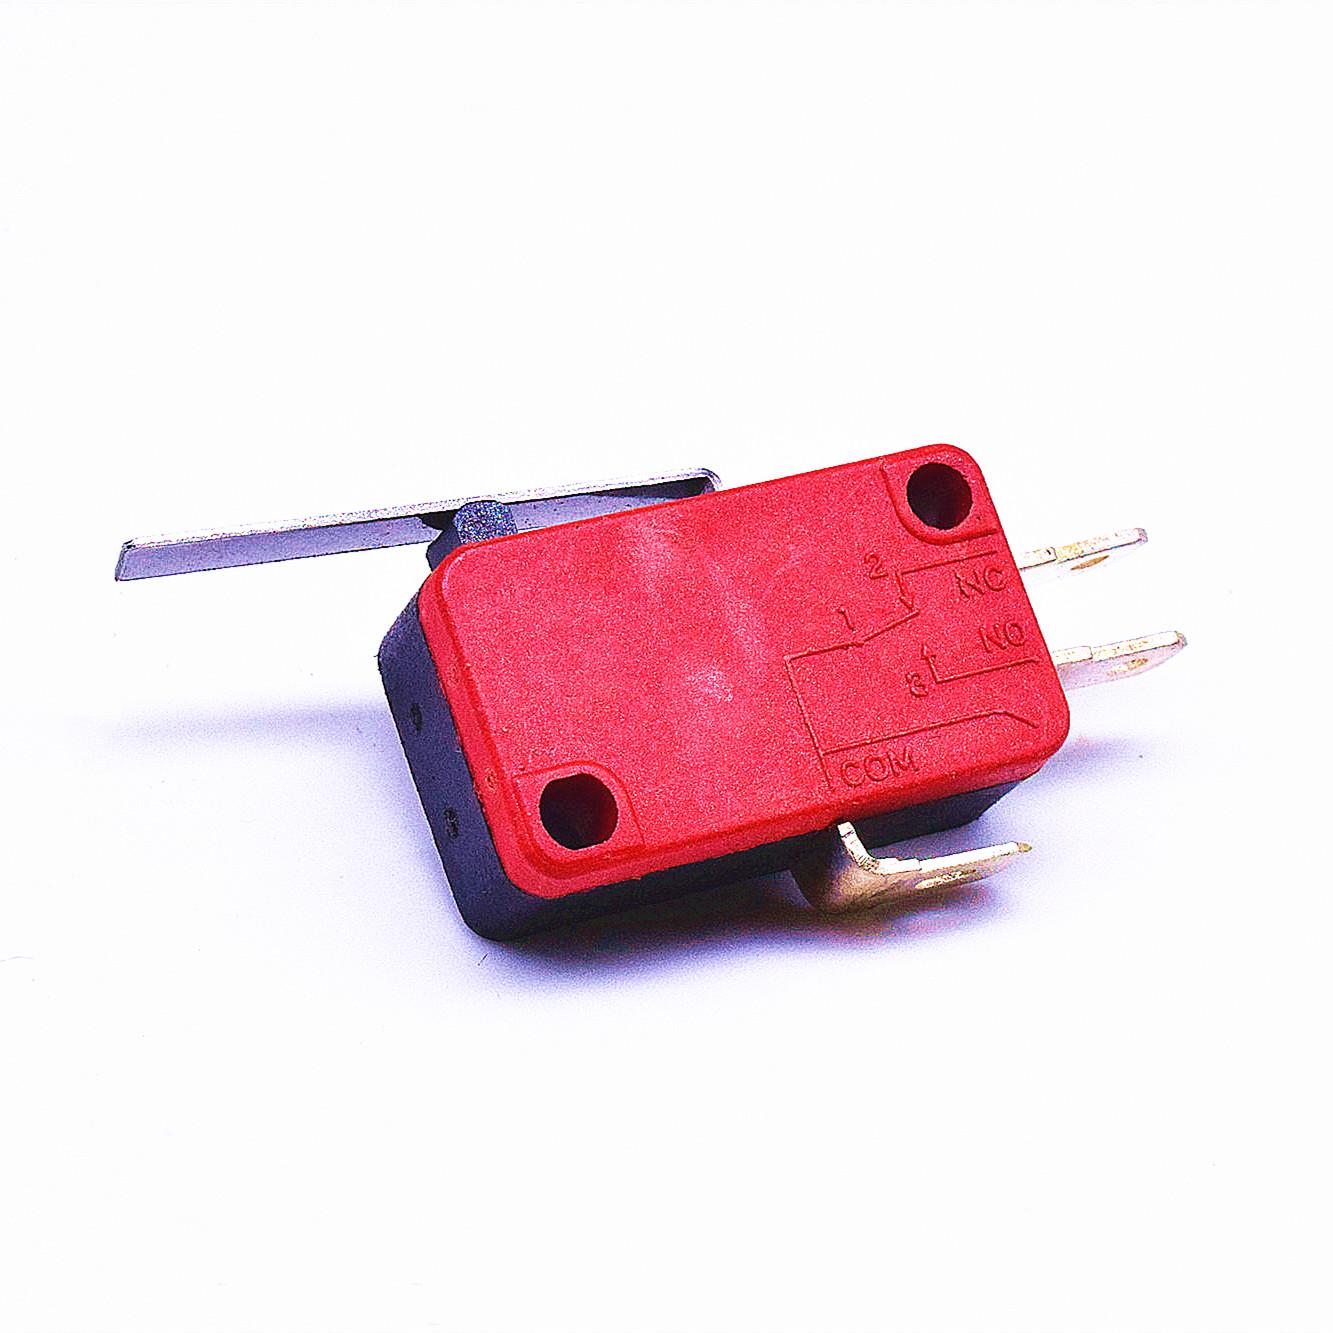 KW3-163-1C2(雙投型4.8H插片)-BR(殼體座黑 蓋紅)-G(黑色按柄)